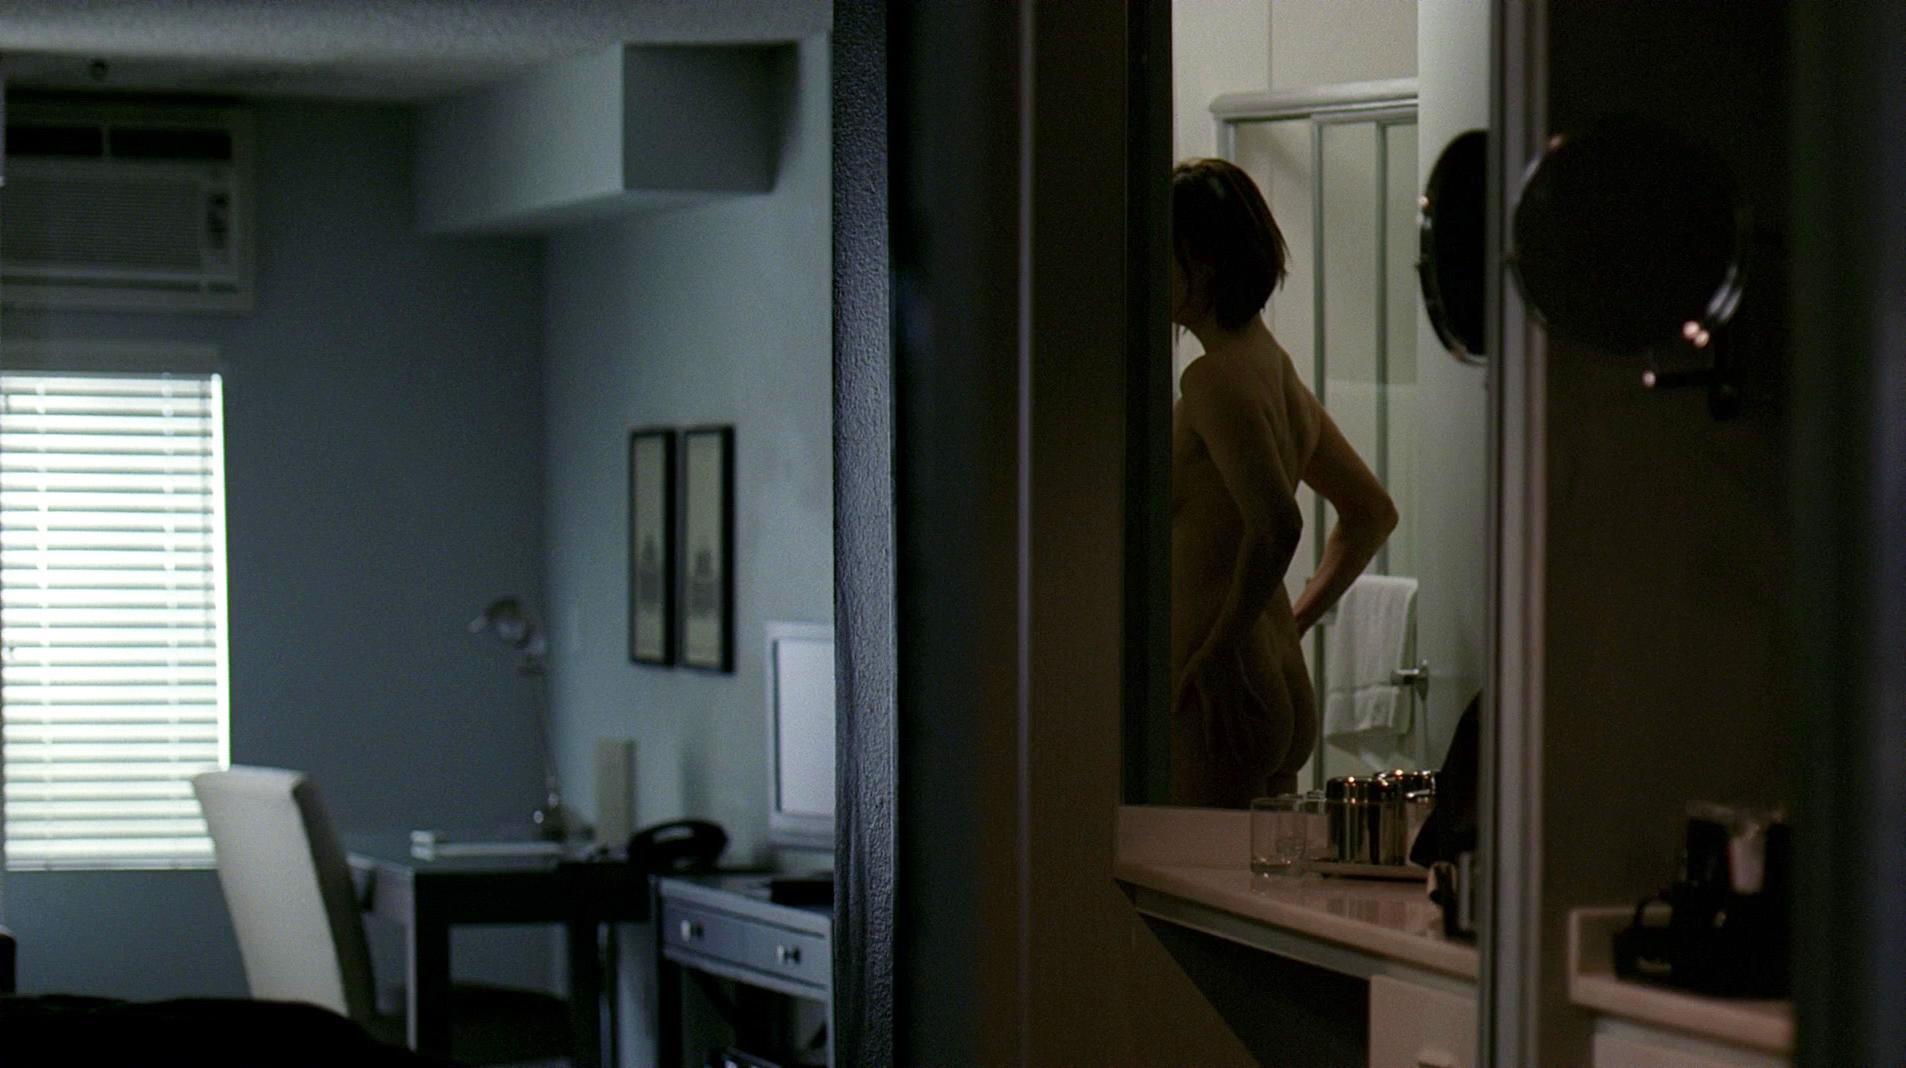 sexy nude jeanne triplehorn